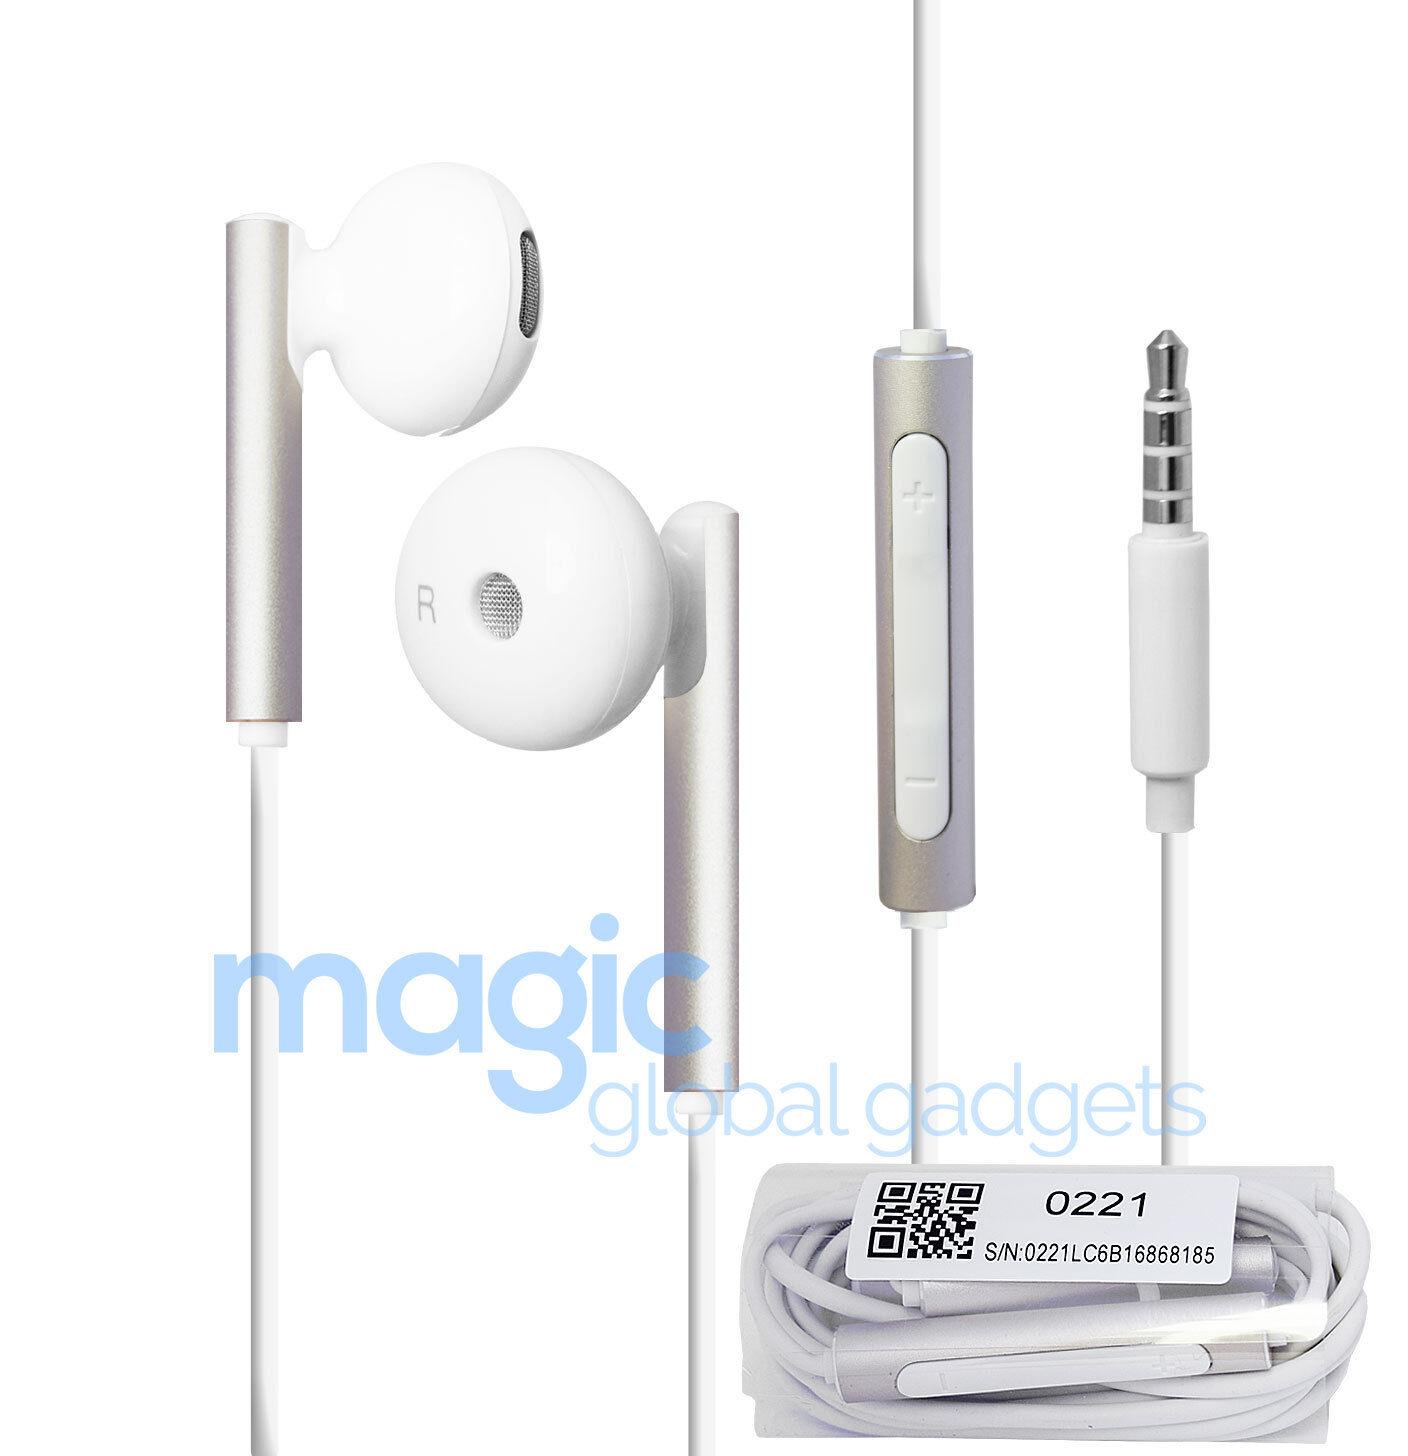 Earphones Headphones Handsfree headset For Huawei P8 p9 p10 p20 p30 pro lite